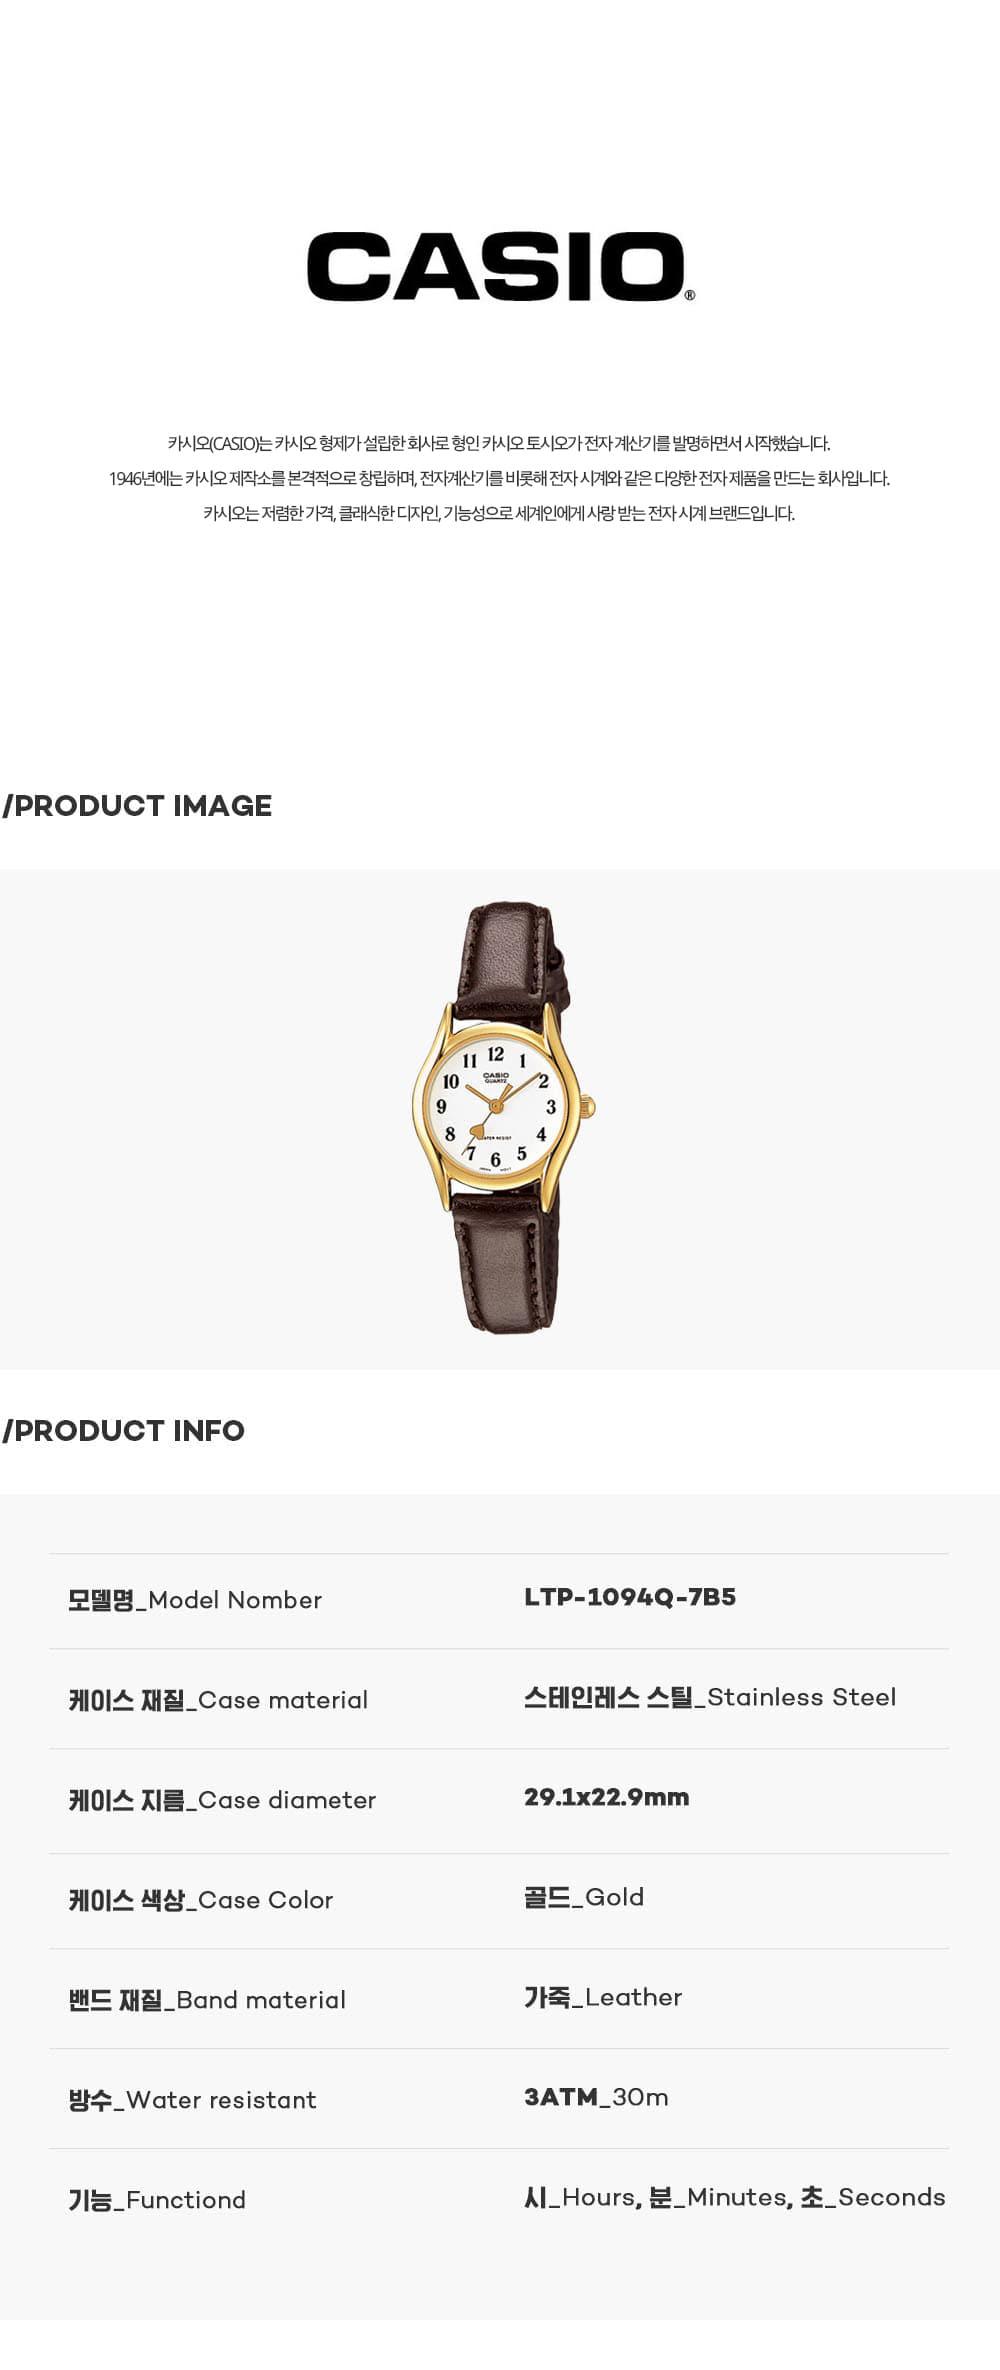 카시오 LTP-1094Q 7B5 가죽시계 - 카시오, 50,000원, 여성시계, 가죽시계